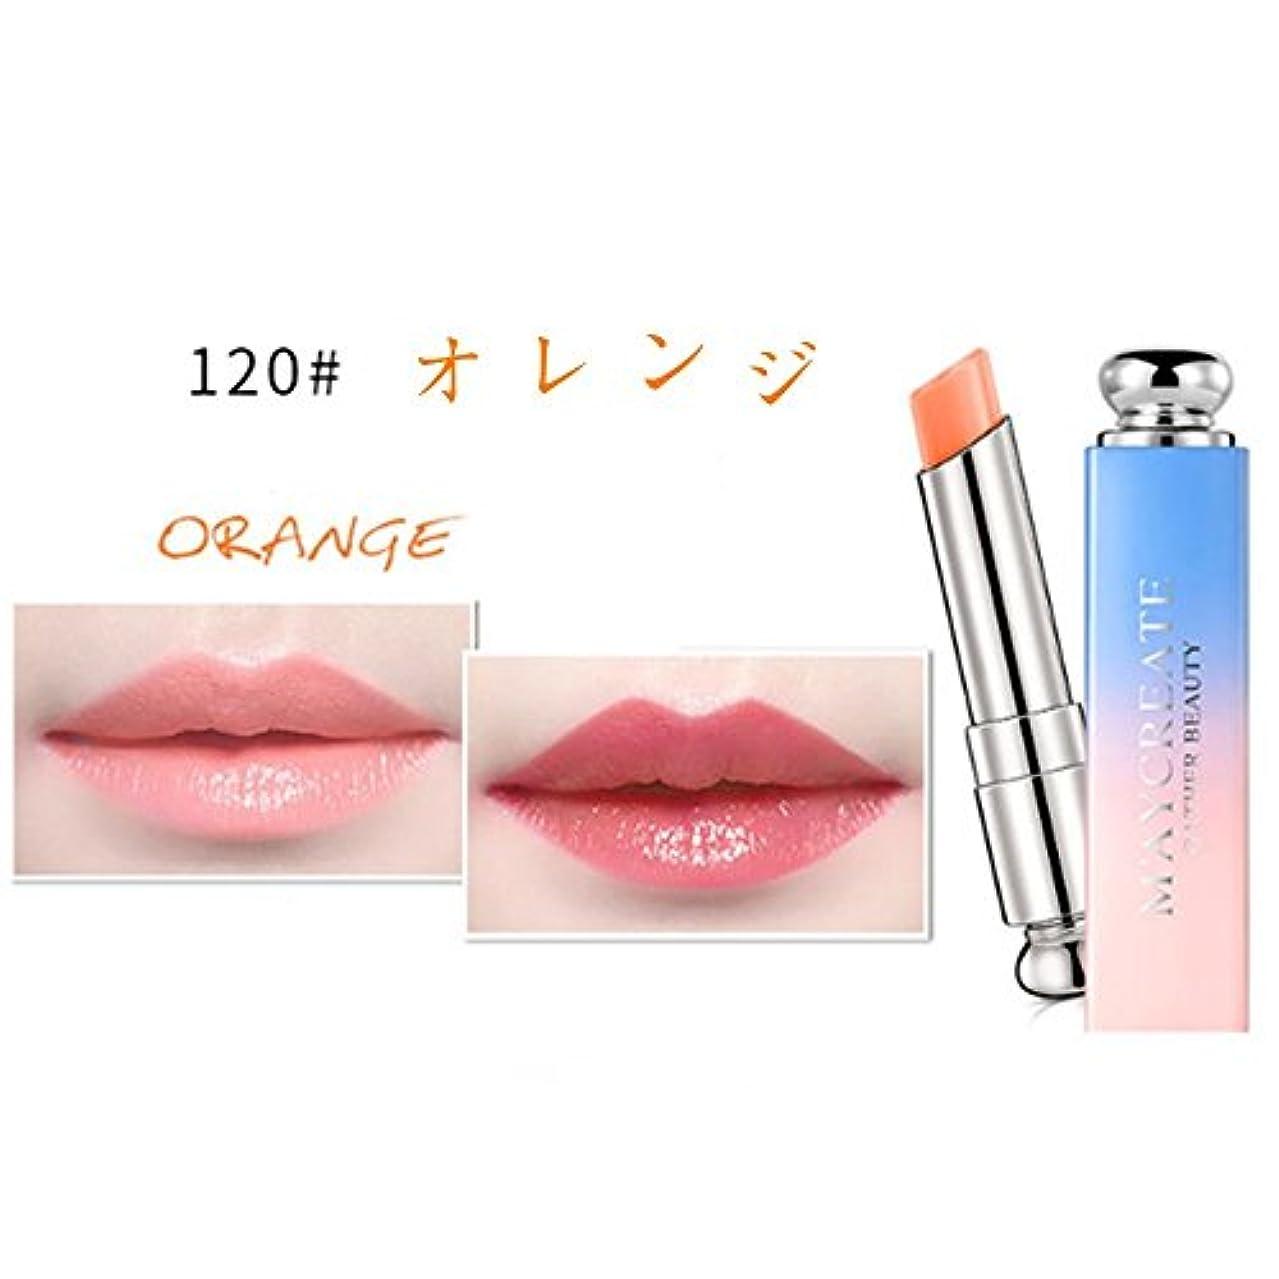 趣味統合公平なリップスティック うるおい 口紅 唇の温度で色が変化するリップ 優れる発色力 保湿 長持ち 3.8g (120#)